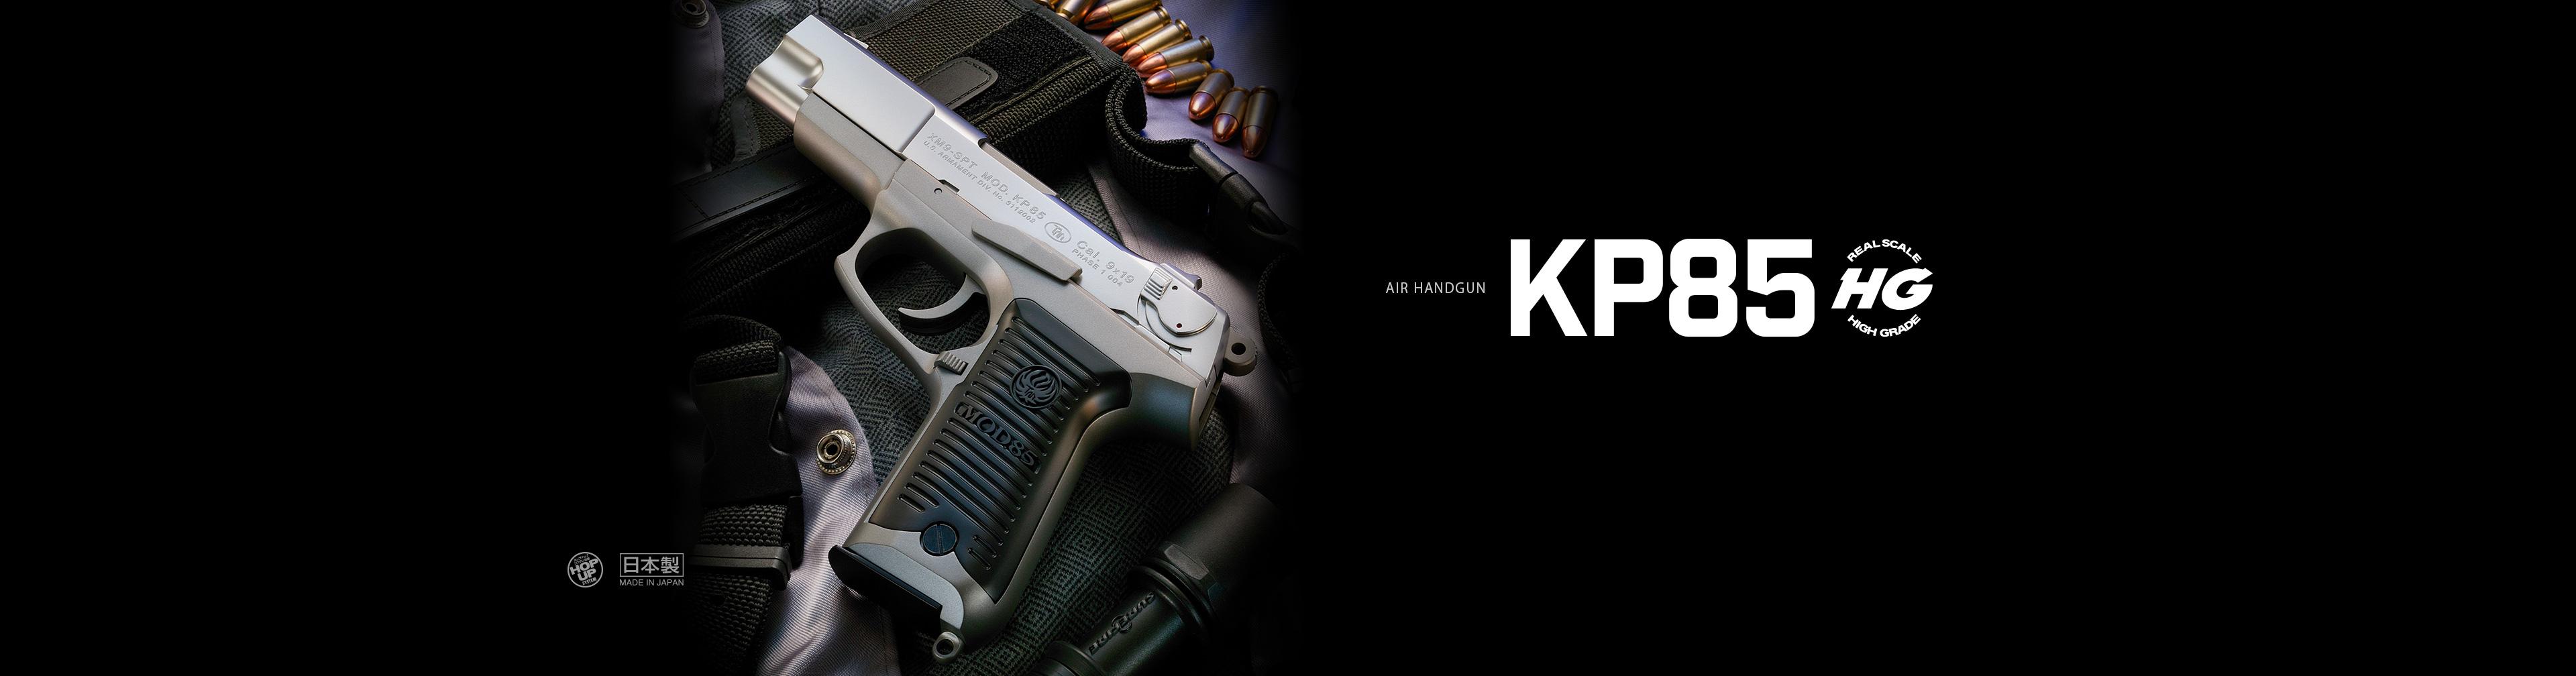 KP85【ハイグレード/ホップアップ】